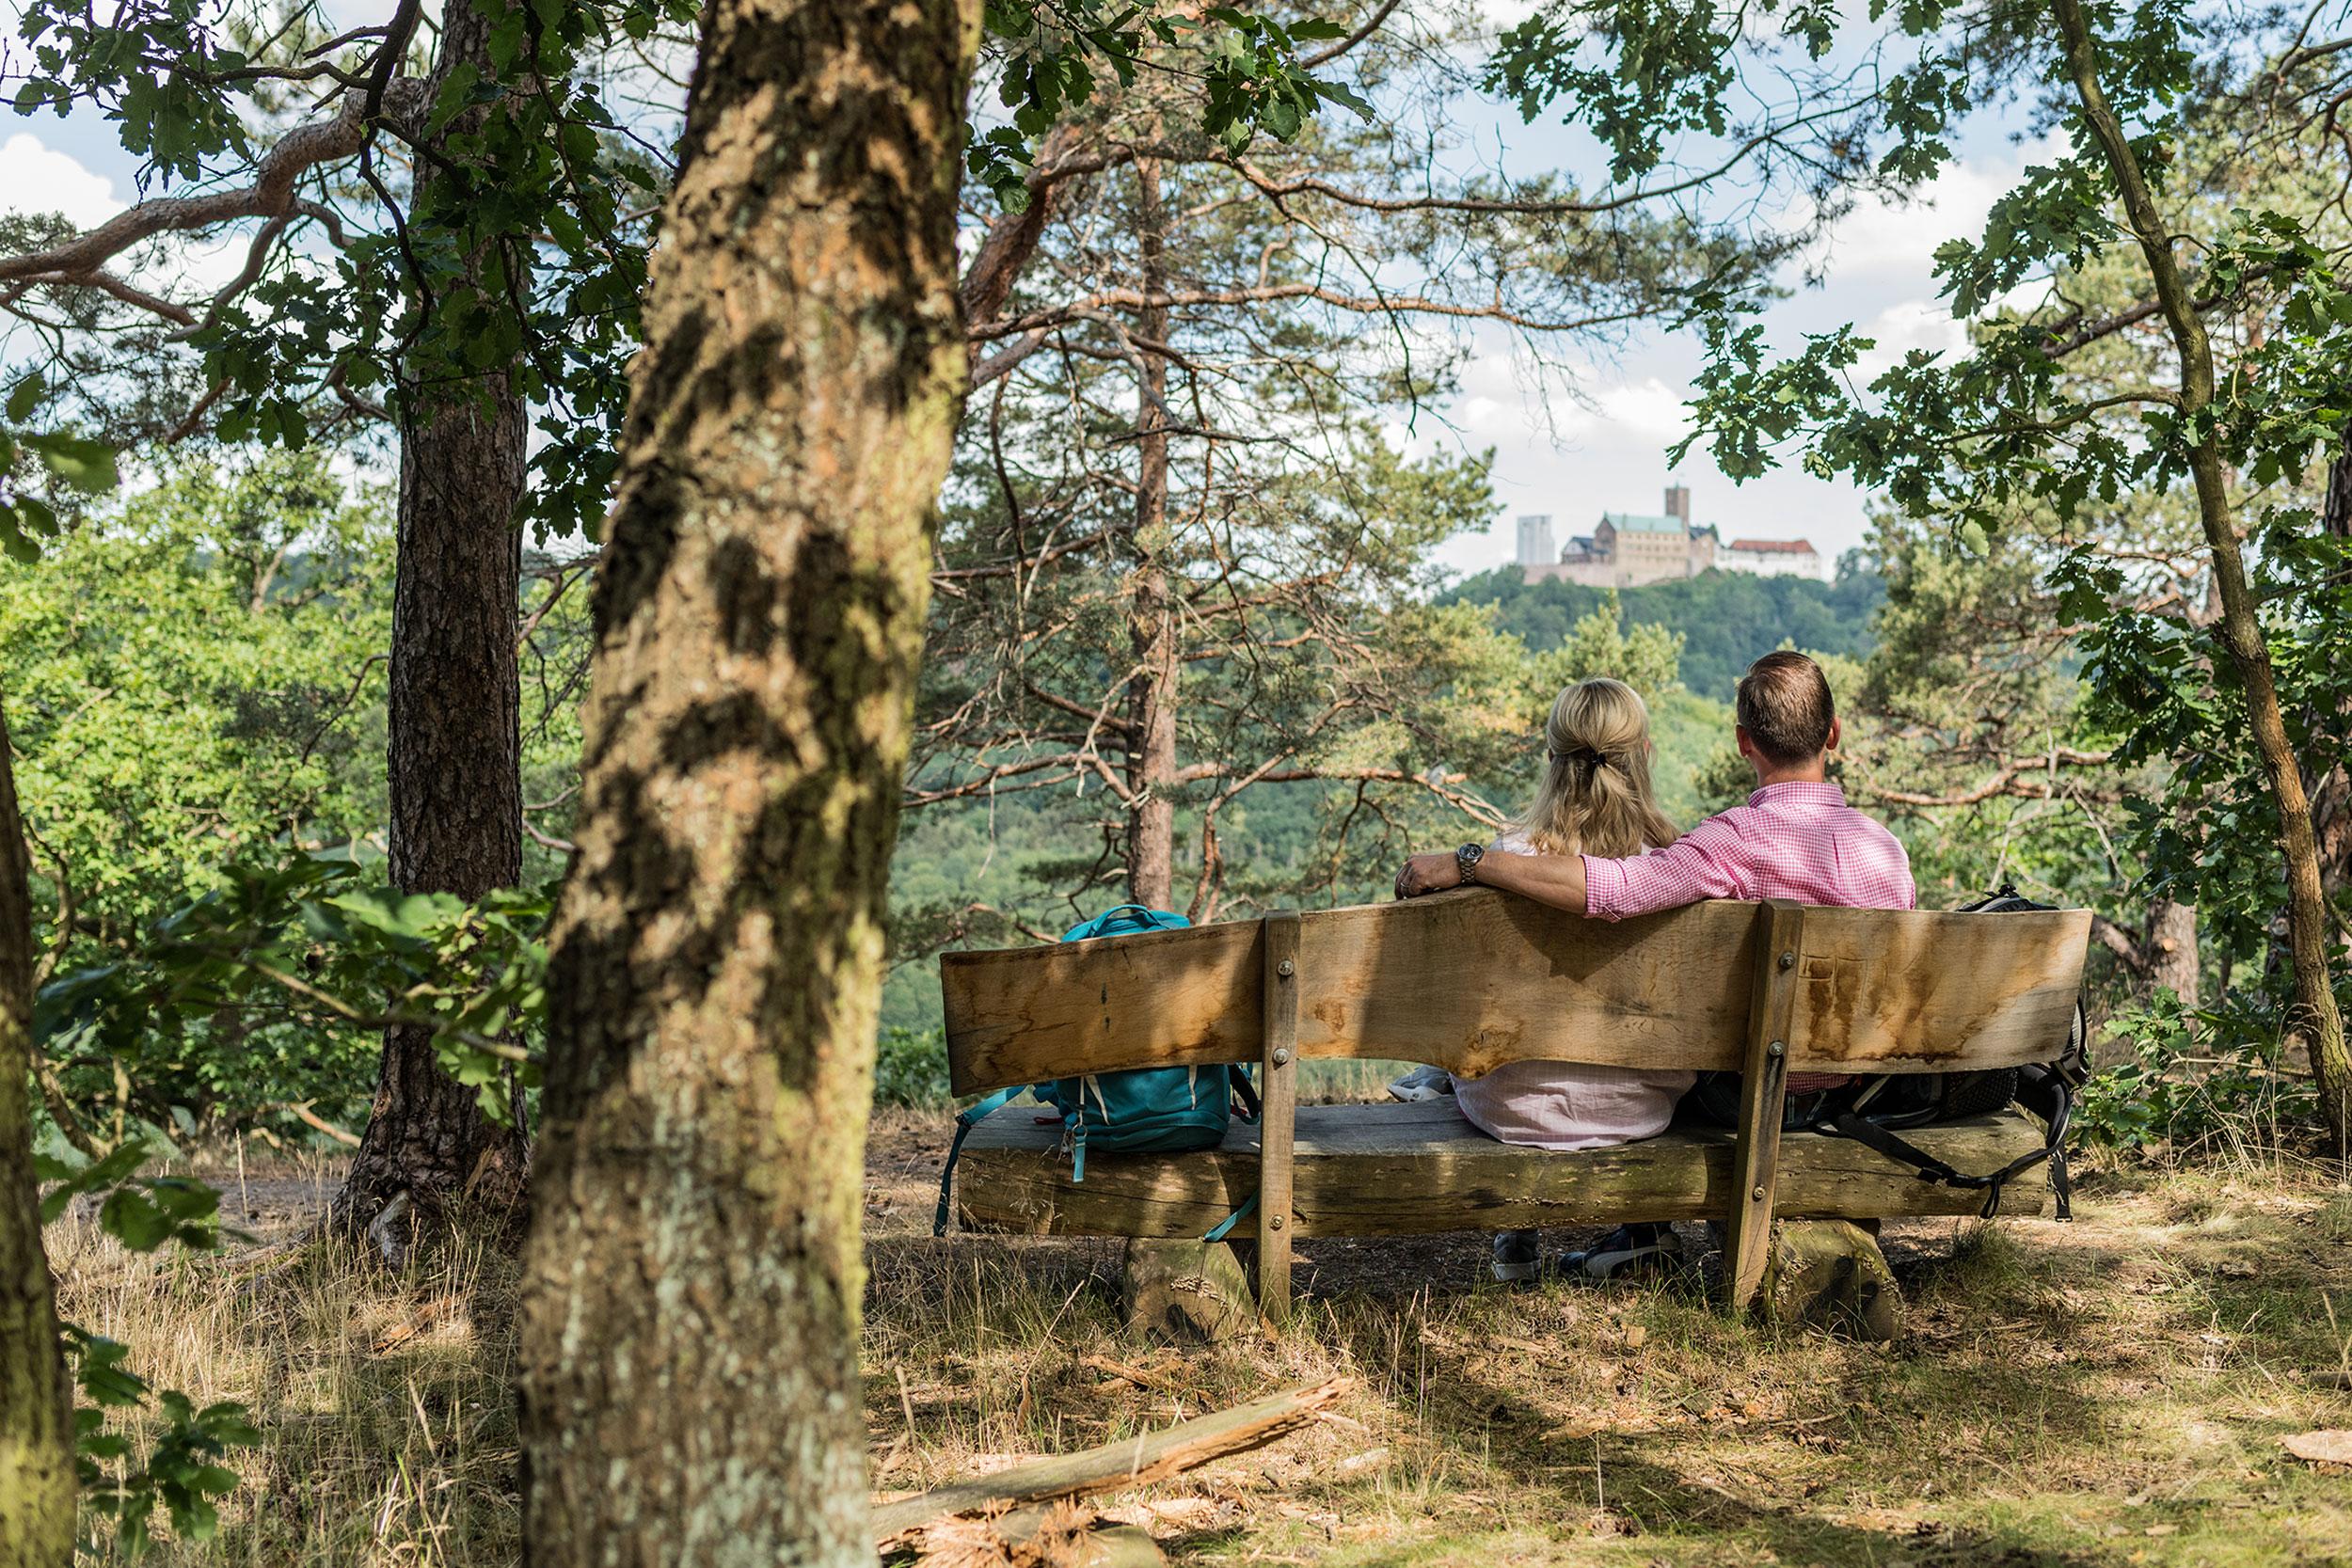 Eisenach Natur – Rast mit Wartburgblick